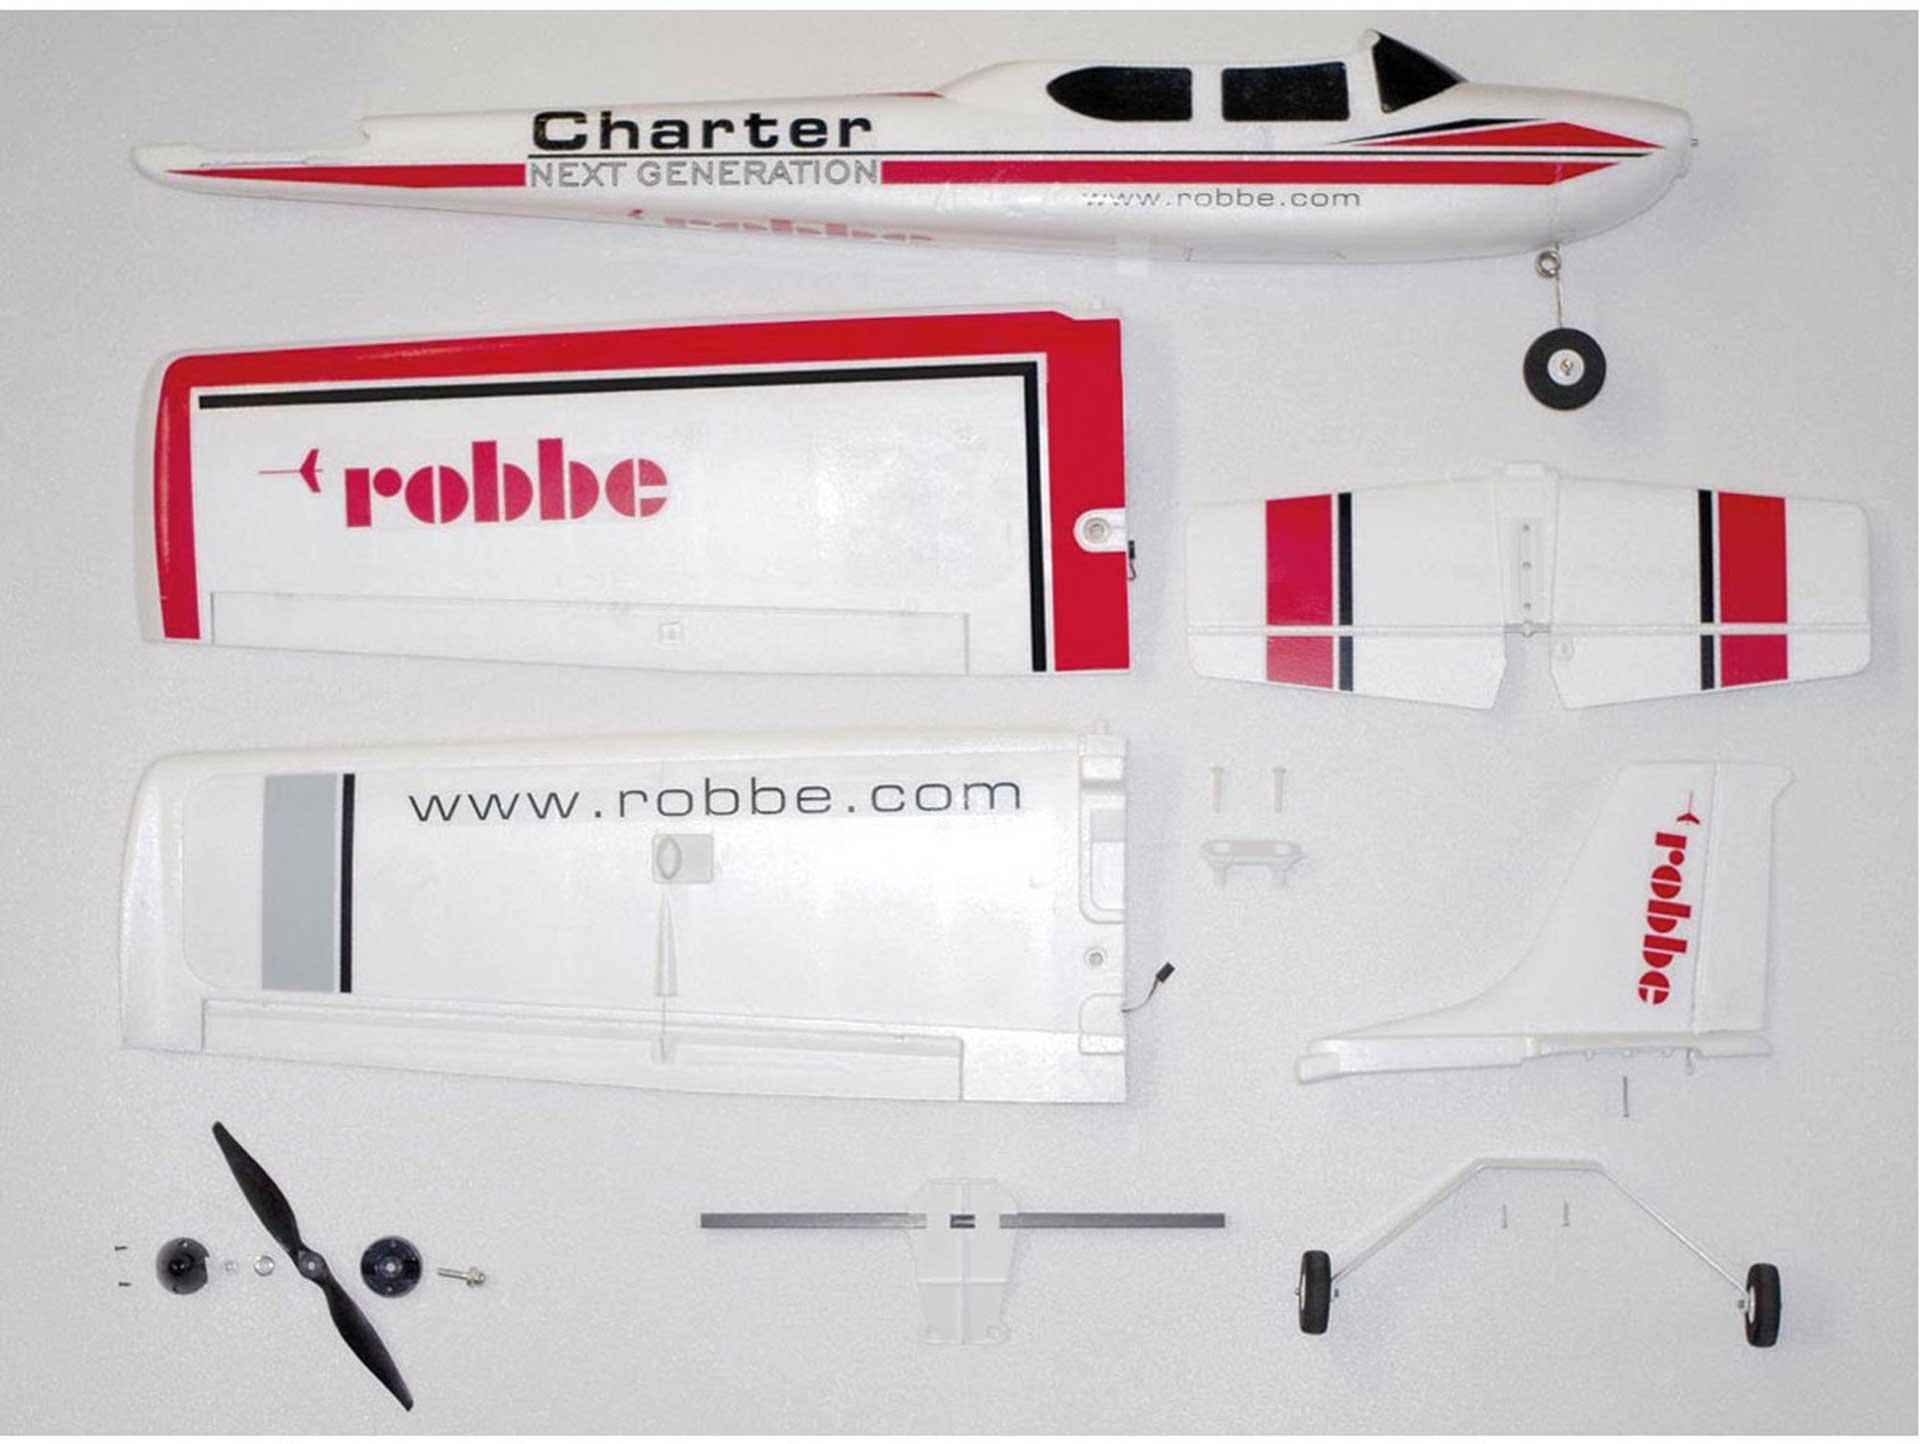 Robbe Modellsport CHARTER NXG TRAINER PNP